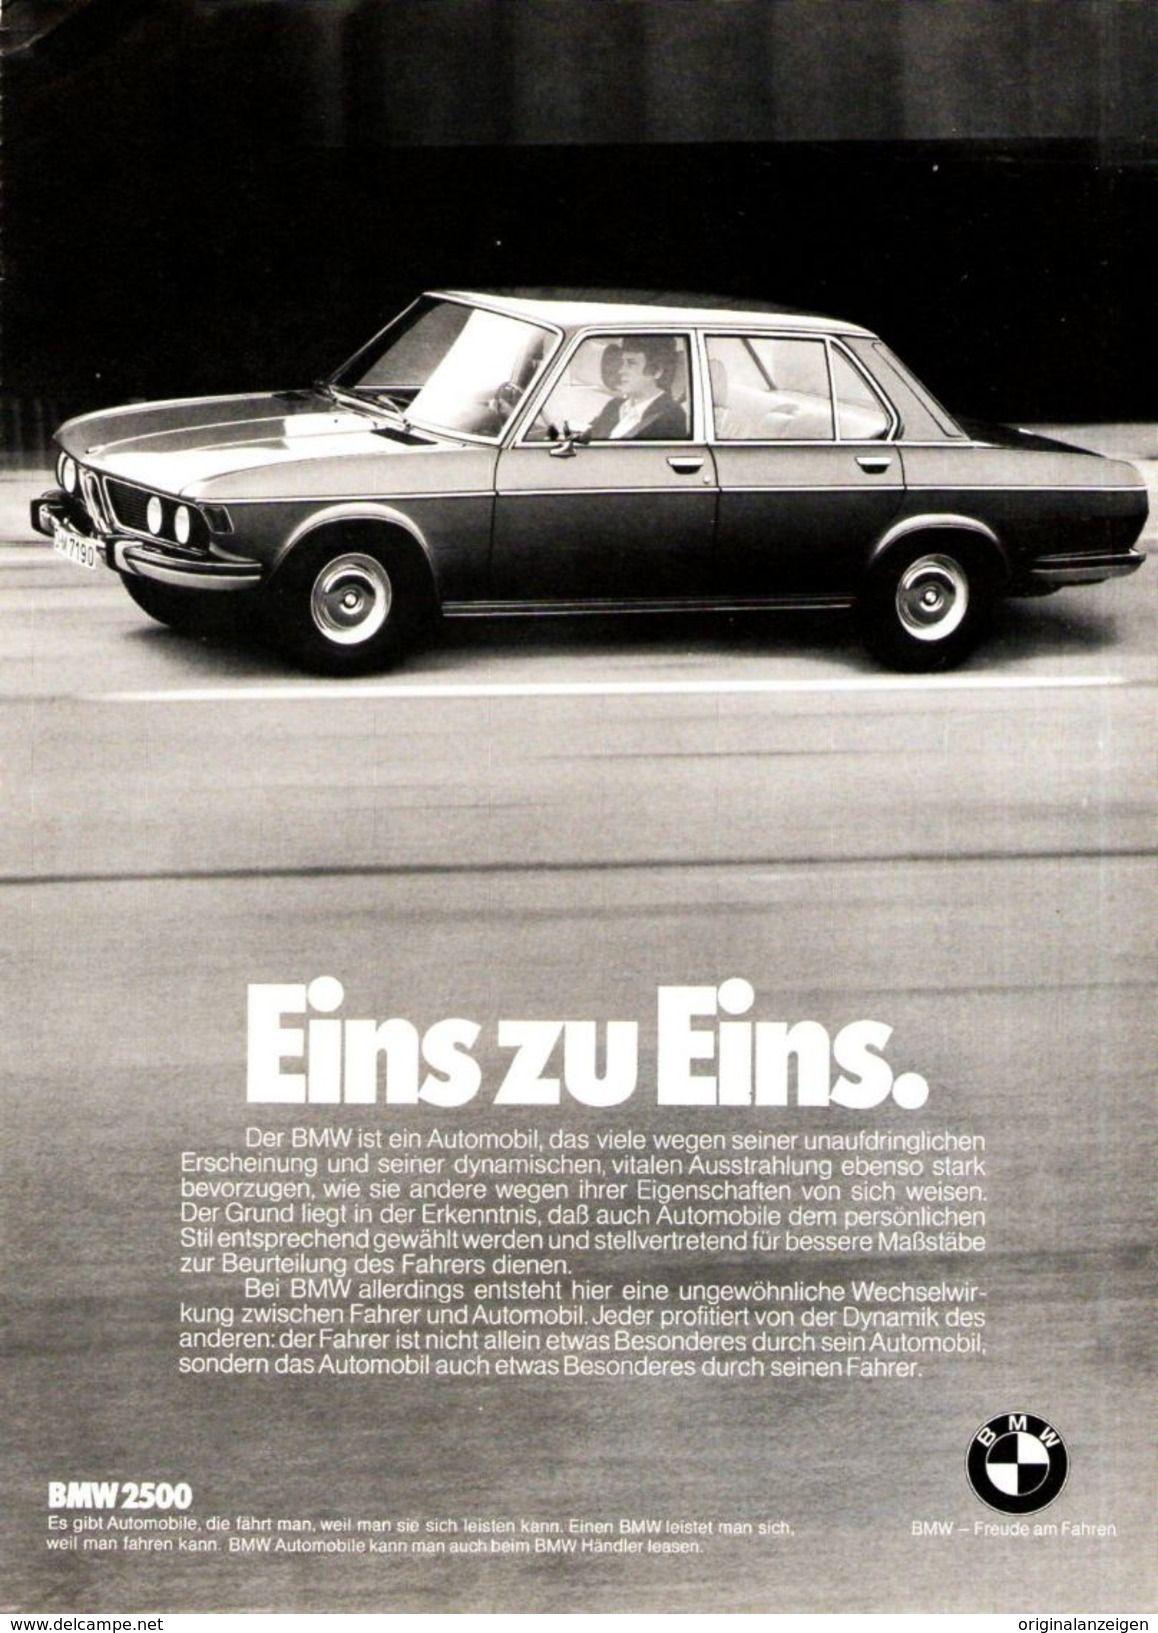 Original Werbung Anzeige 1974 Bmw 2500 Ca 180 X 240 Mm Werbung Reklame